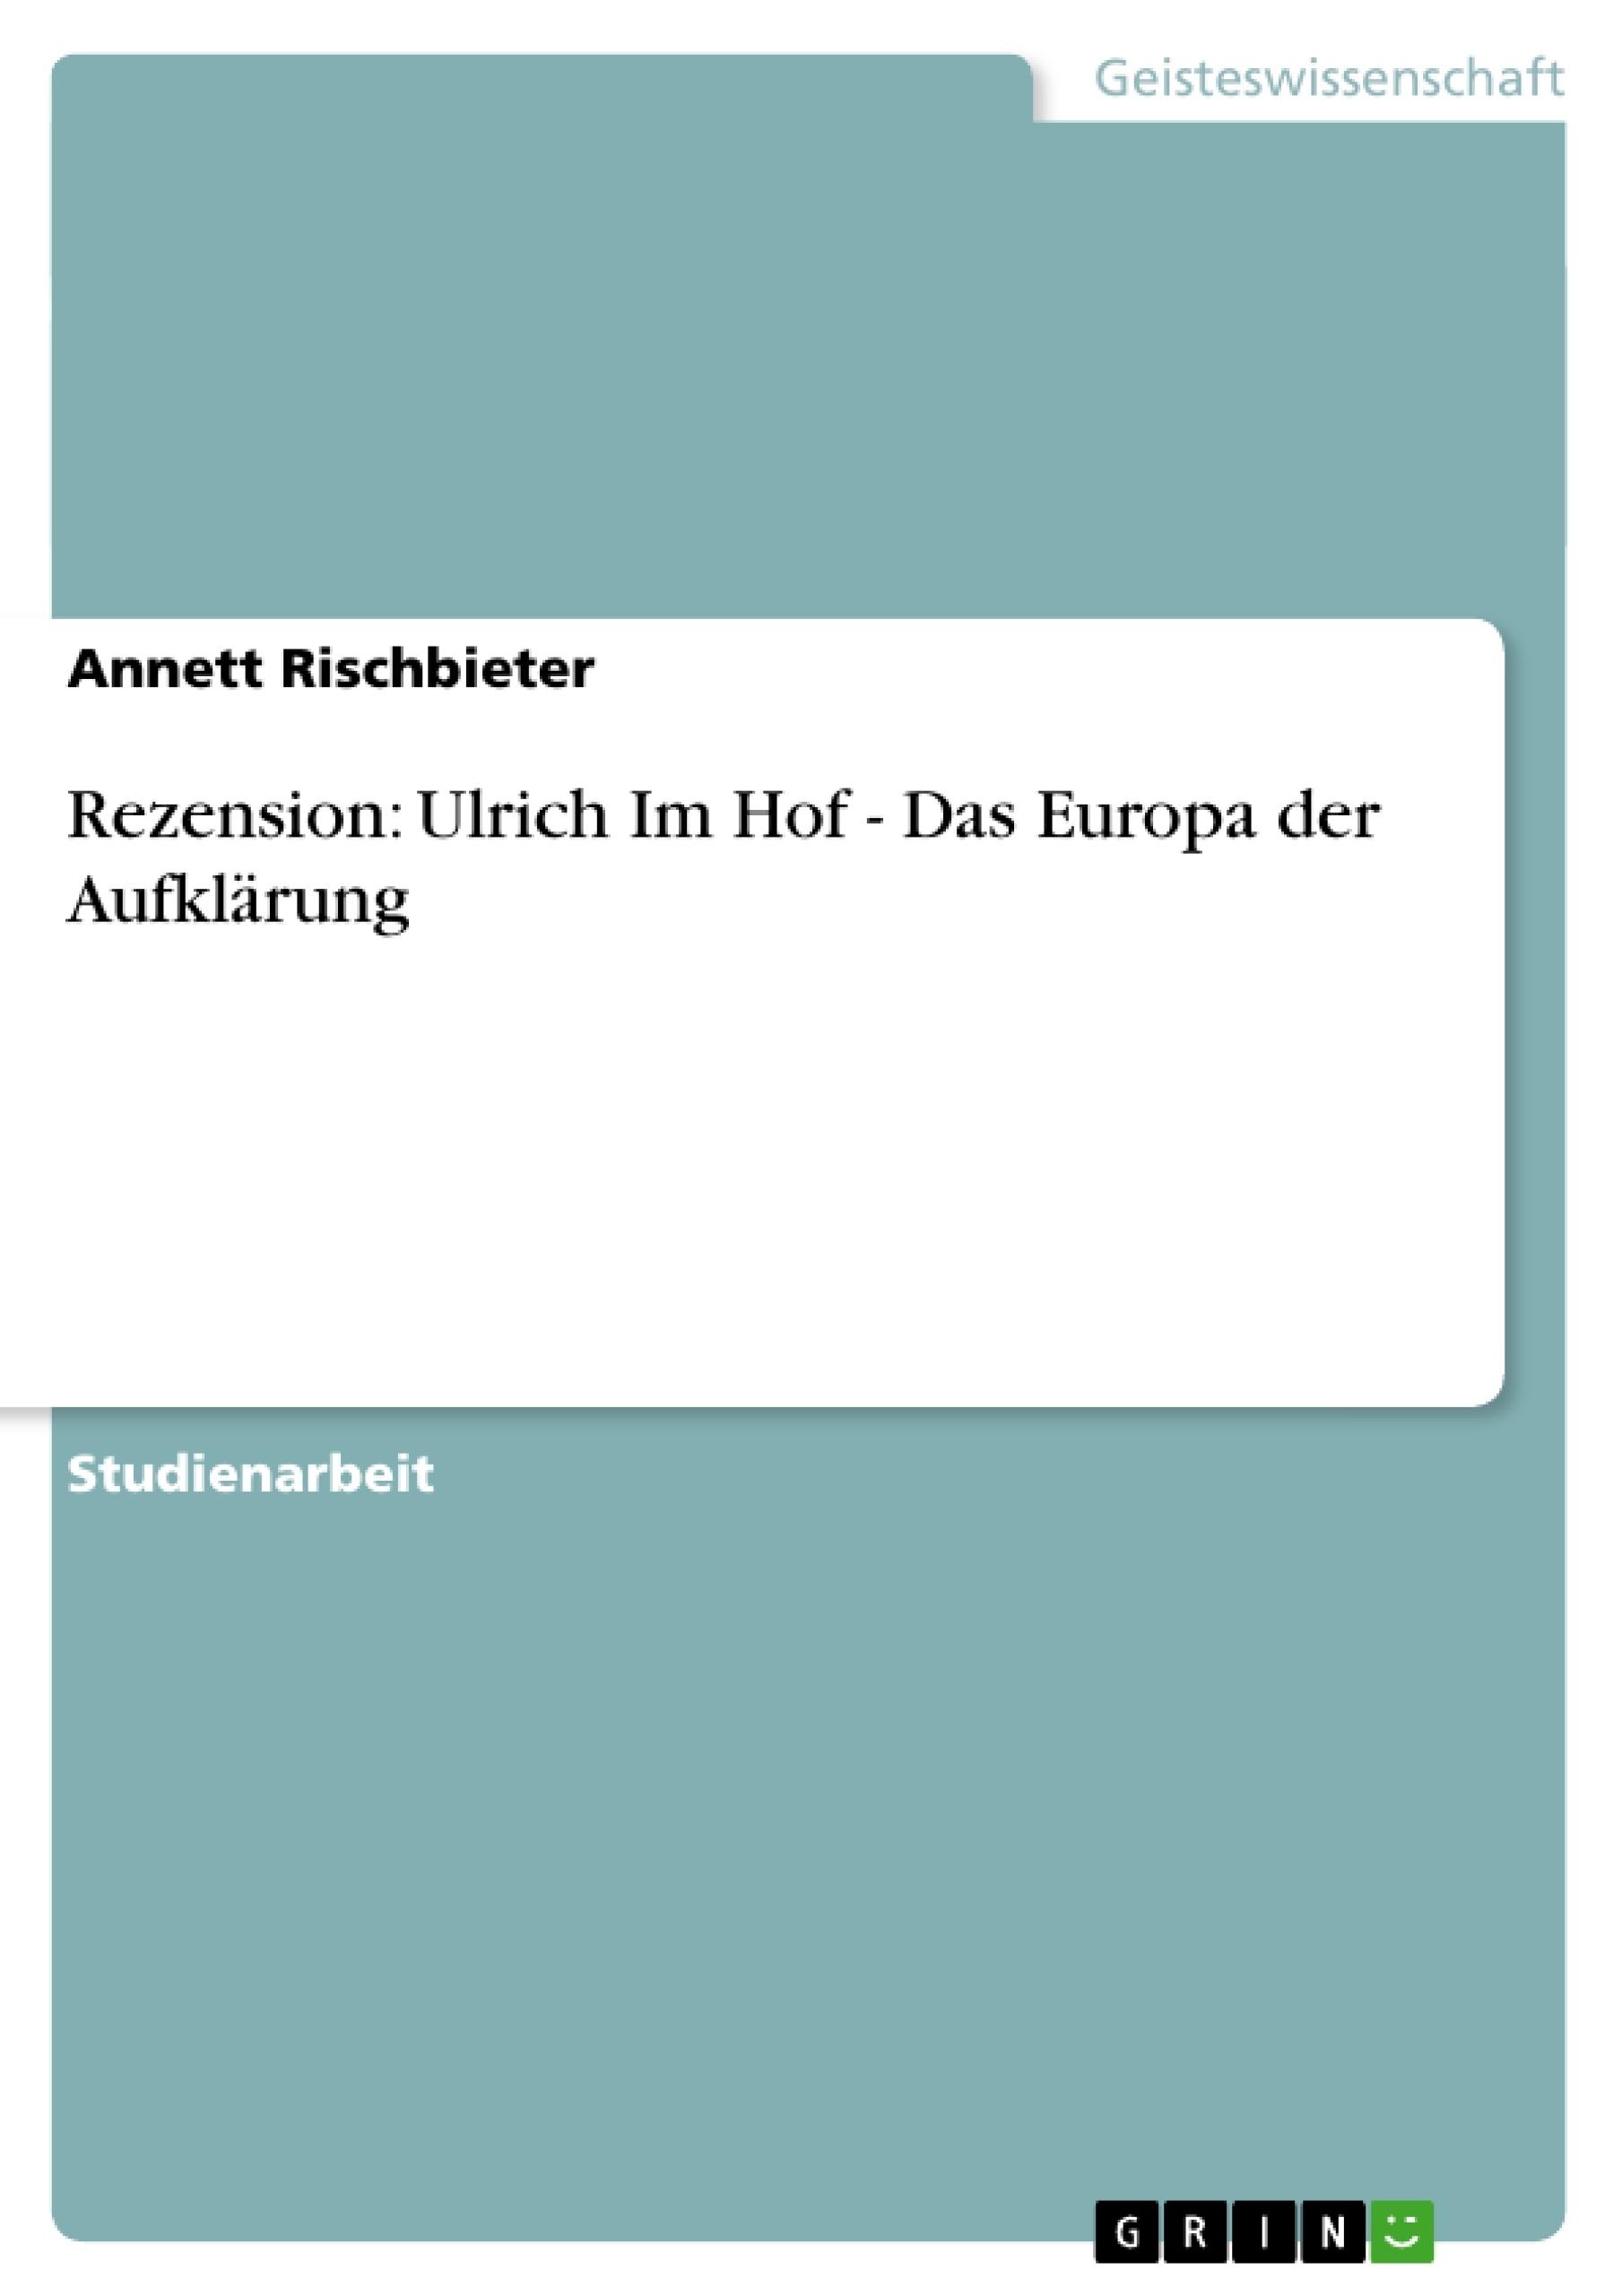 Titel: Rezension: Ulrich Im Hof - Das Europa der Aufklärung